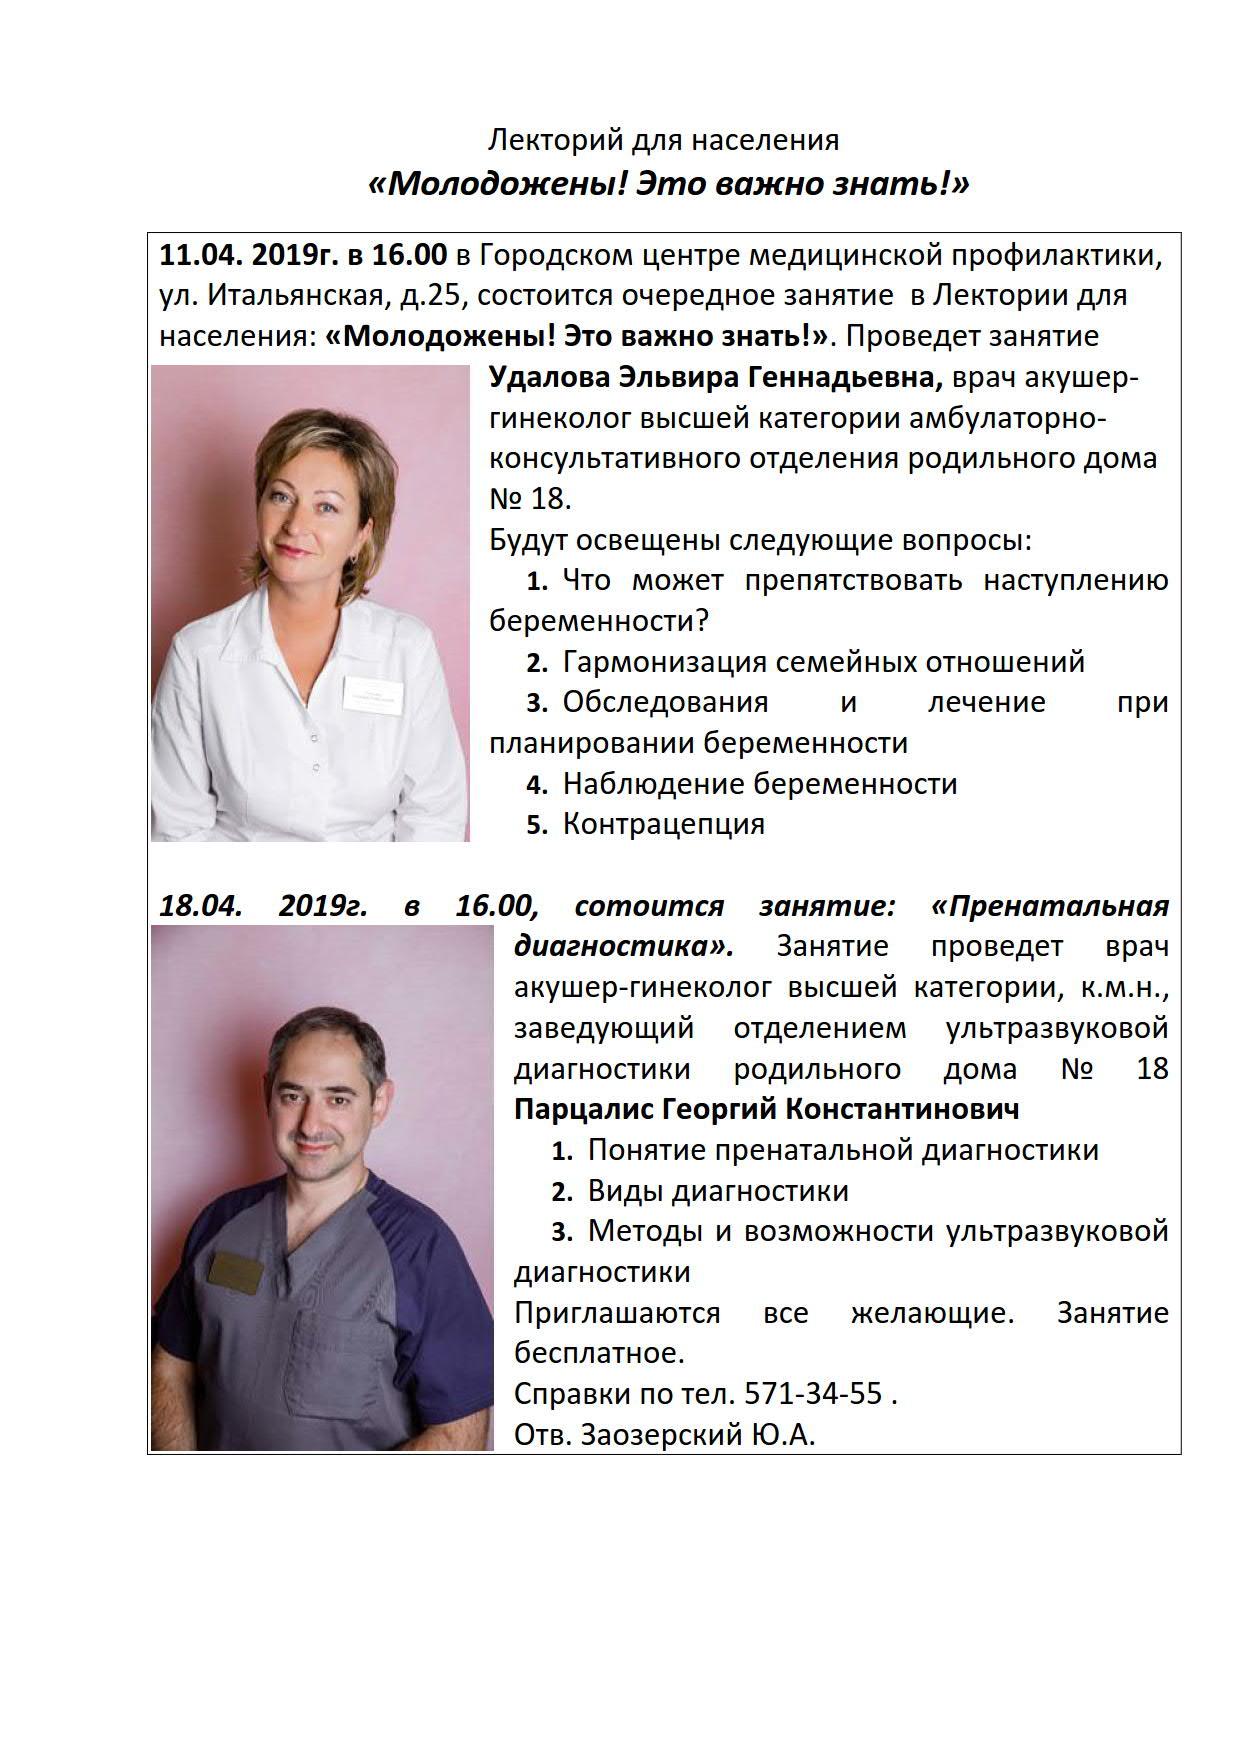 Лекторий для молодоженов 11 апреля 2019г._1